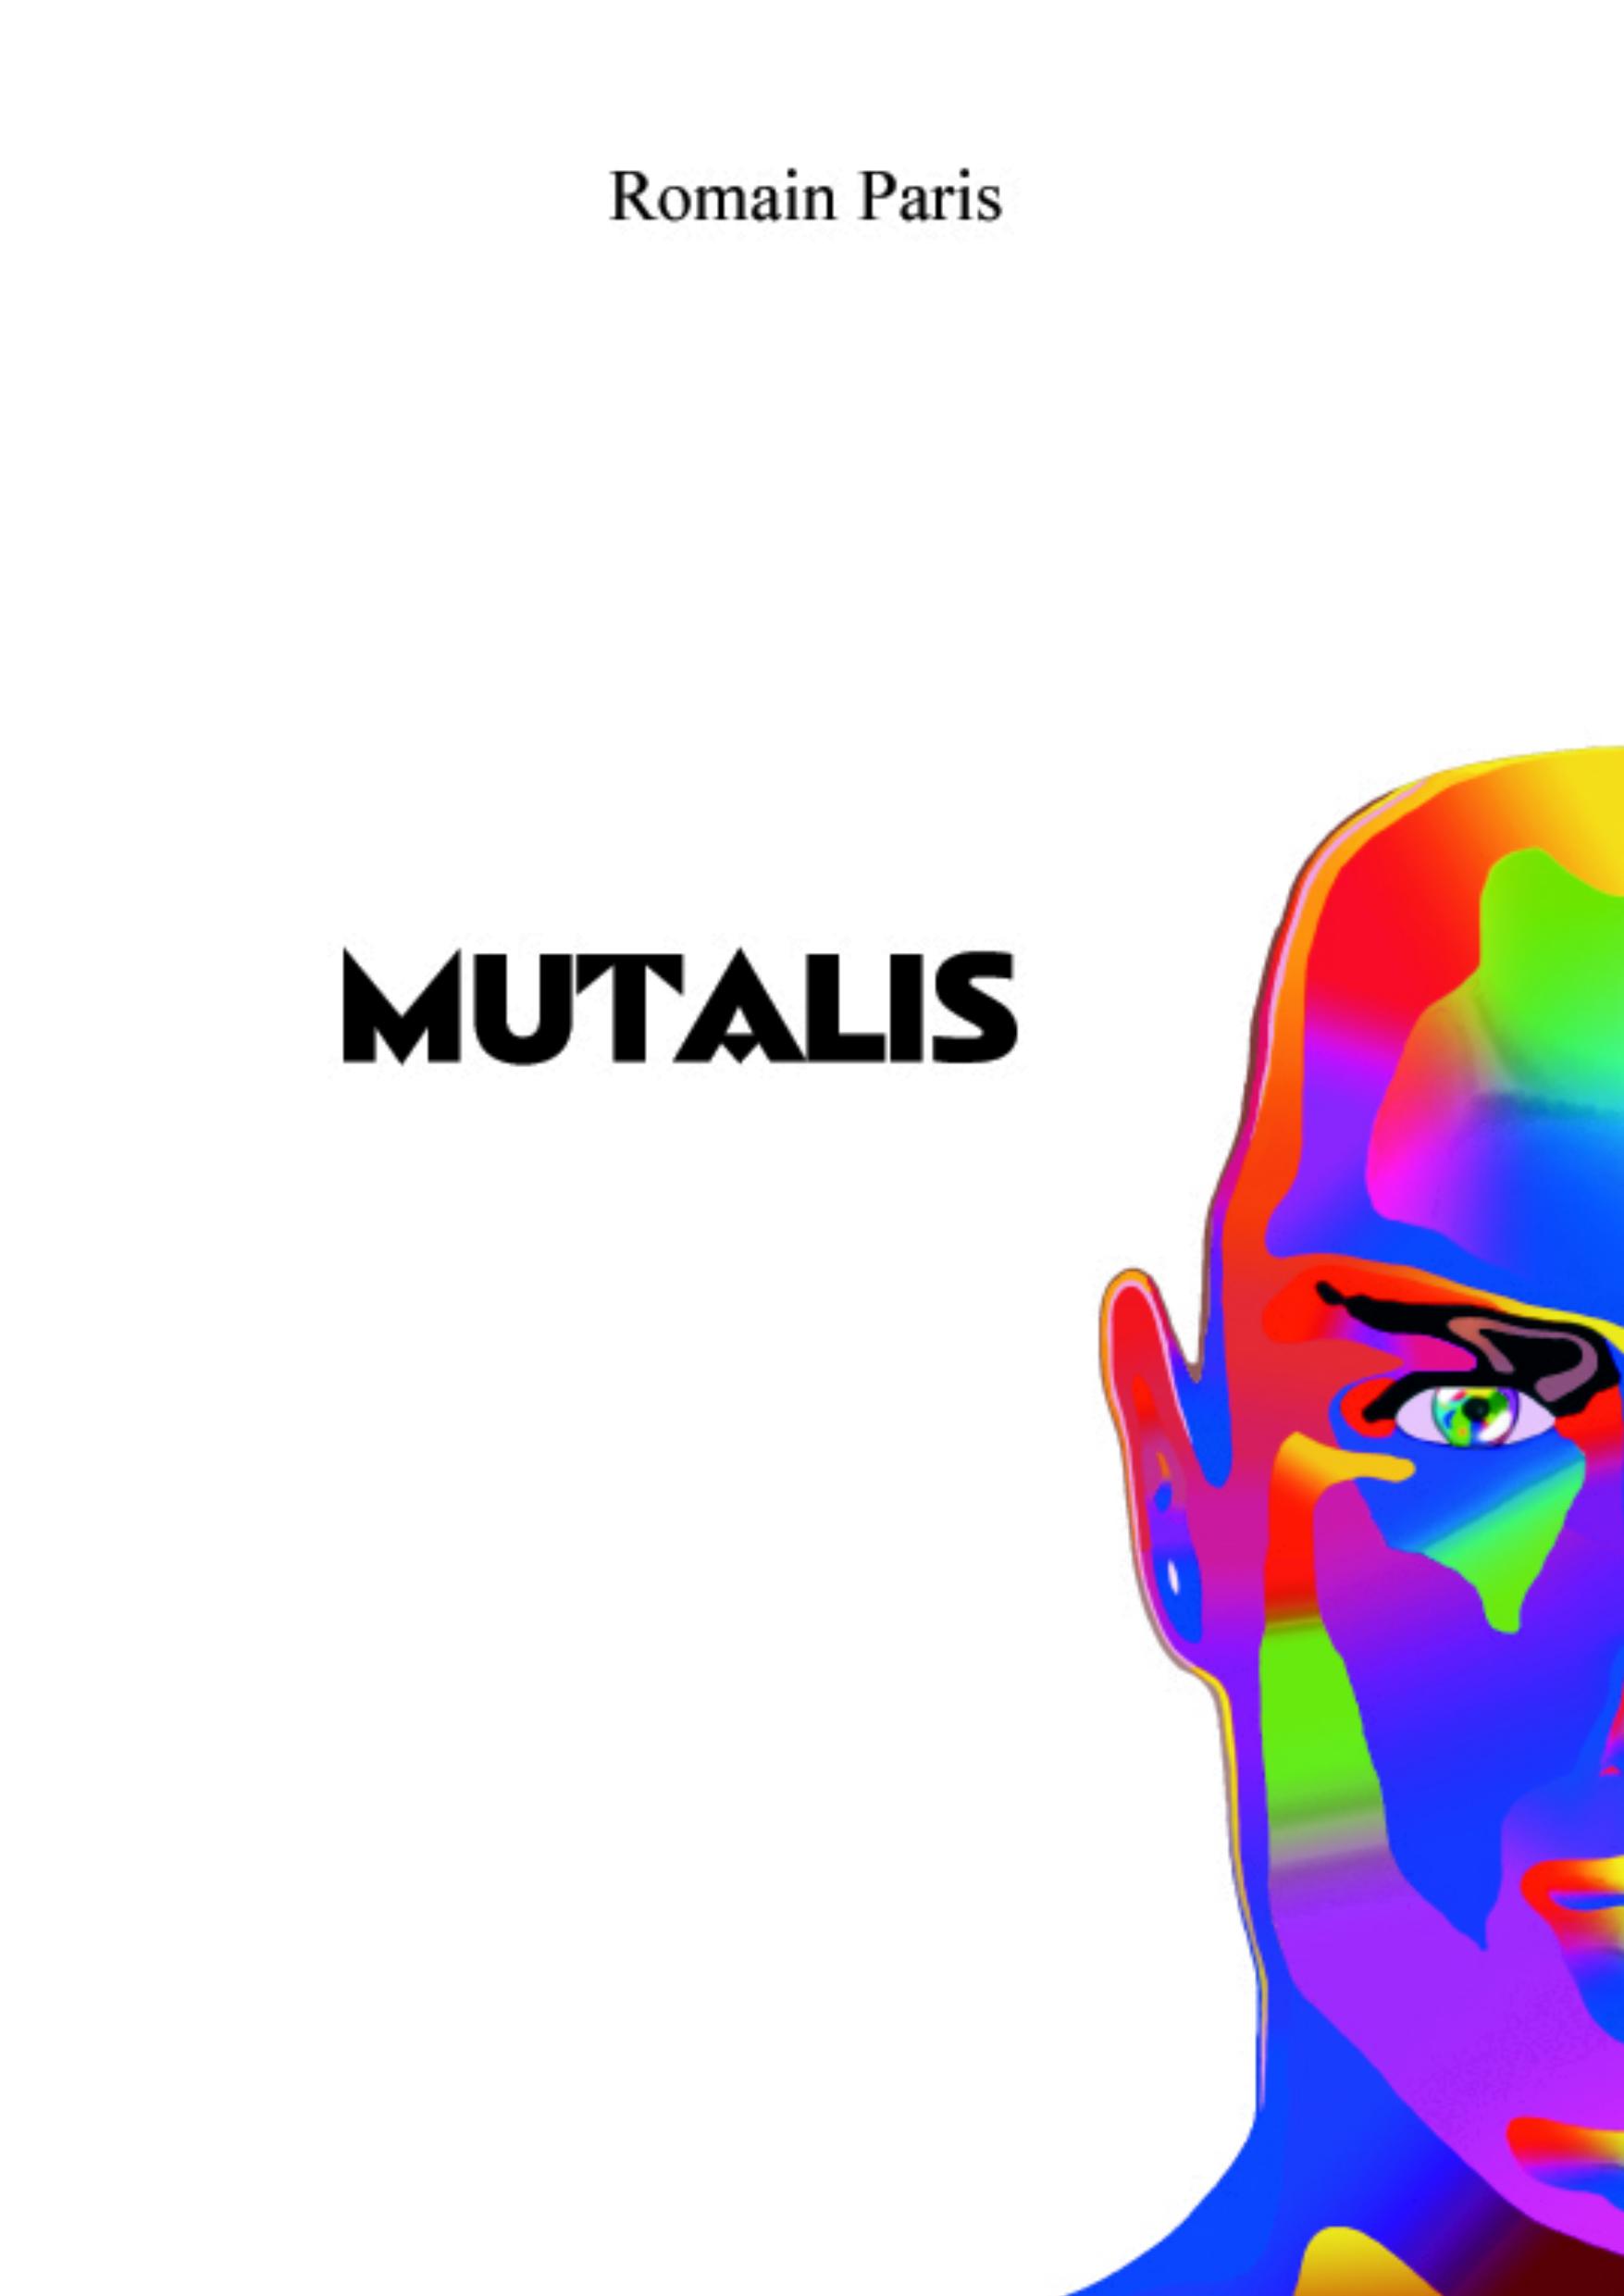 MUTALIS